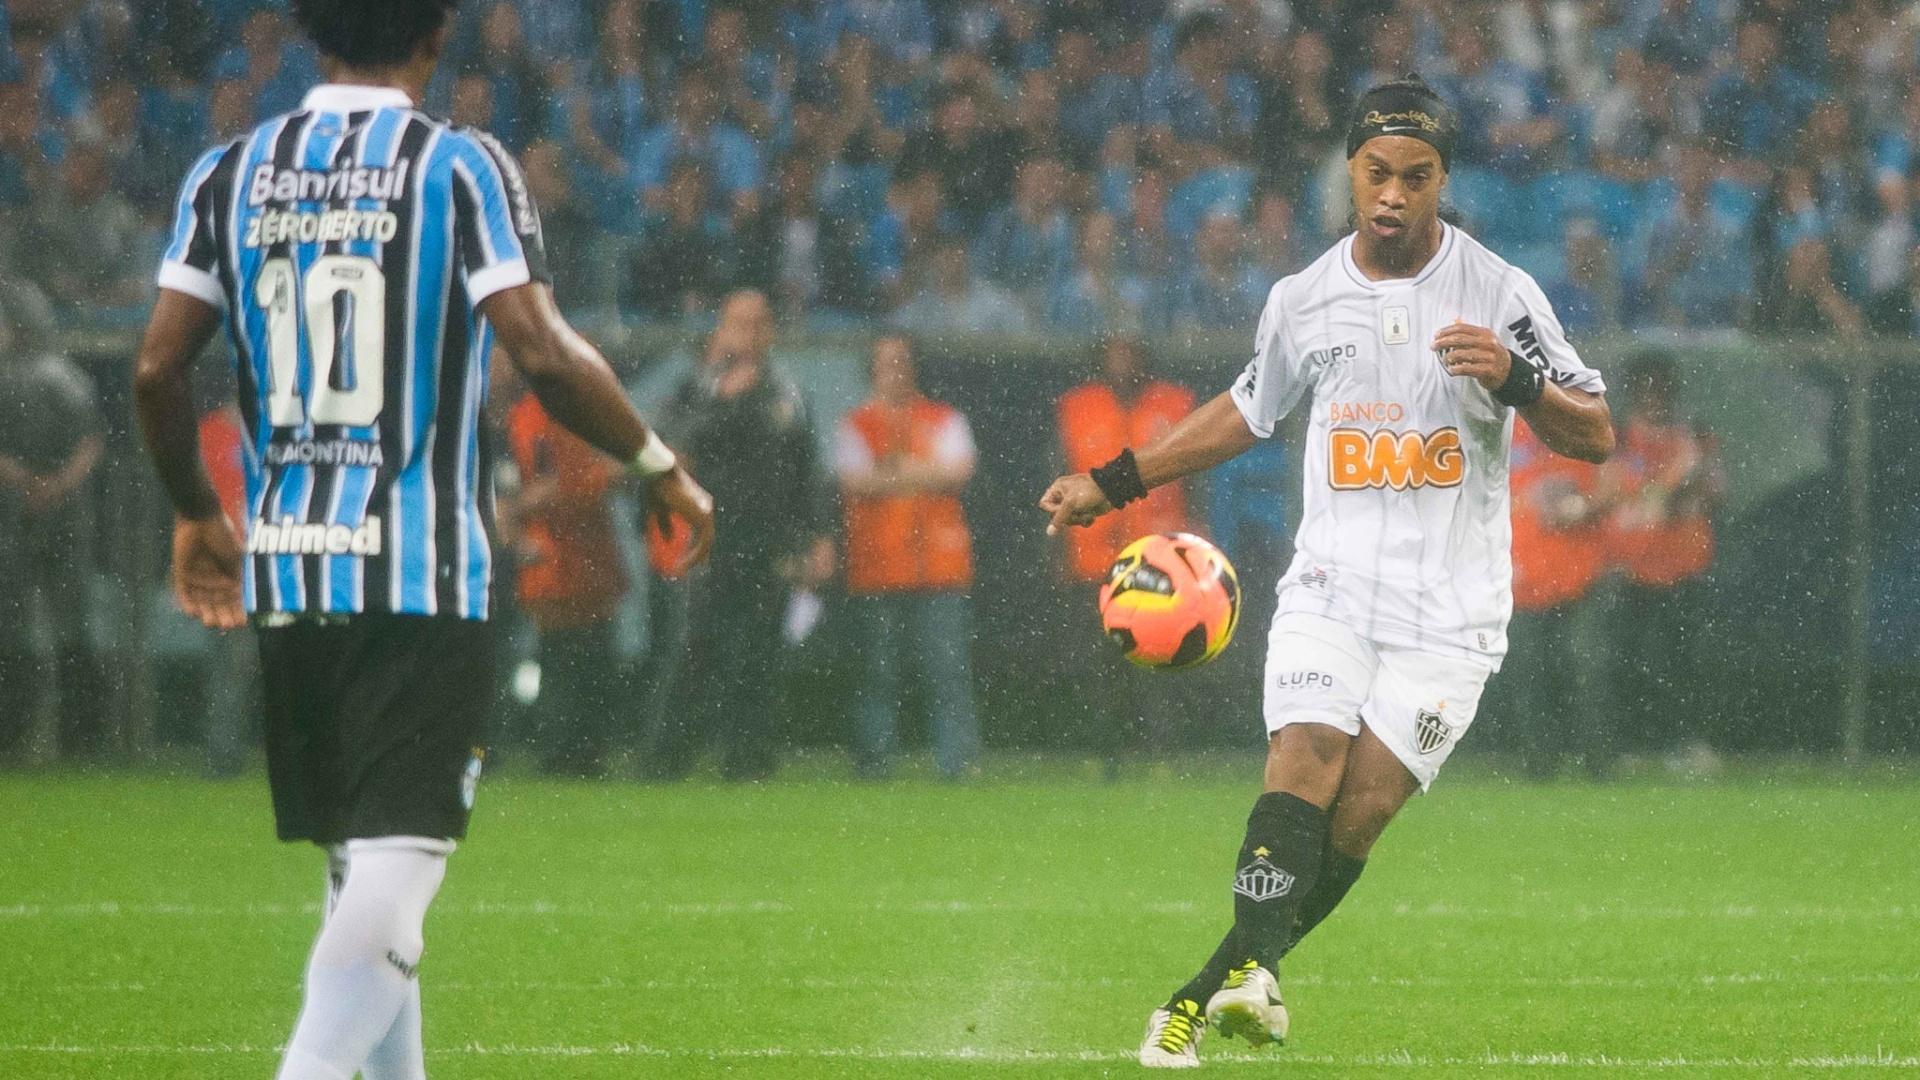 15.set.2013 - Ronaldinho Gaúcho tenta armar o jogo para o Atlético-MG na partida contra o Grêmio neste domingo